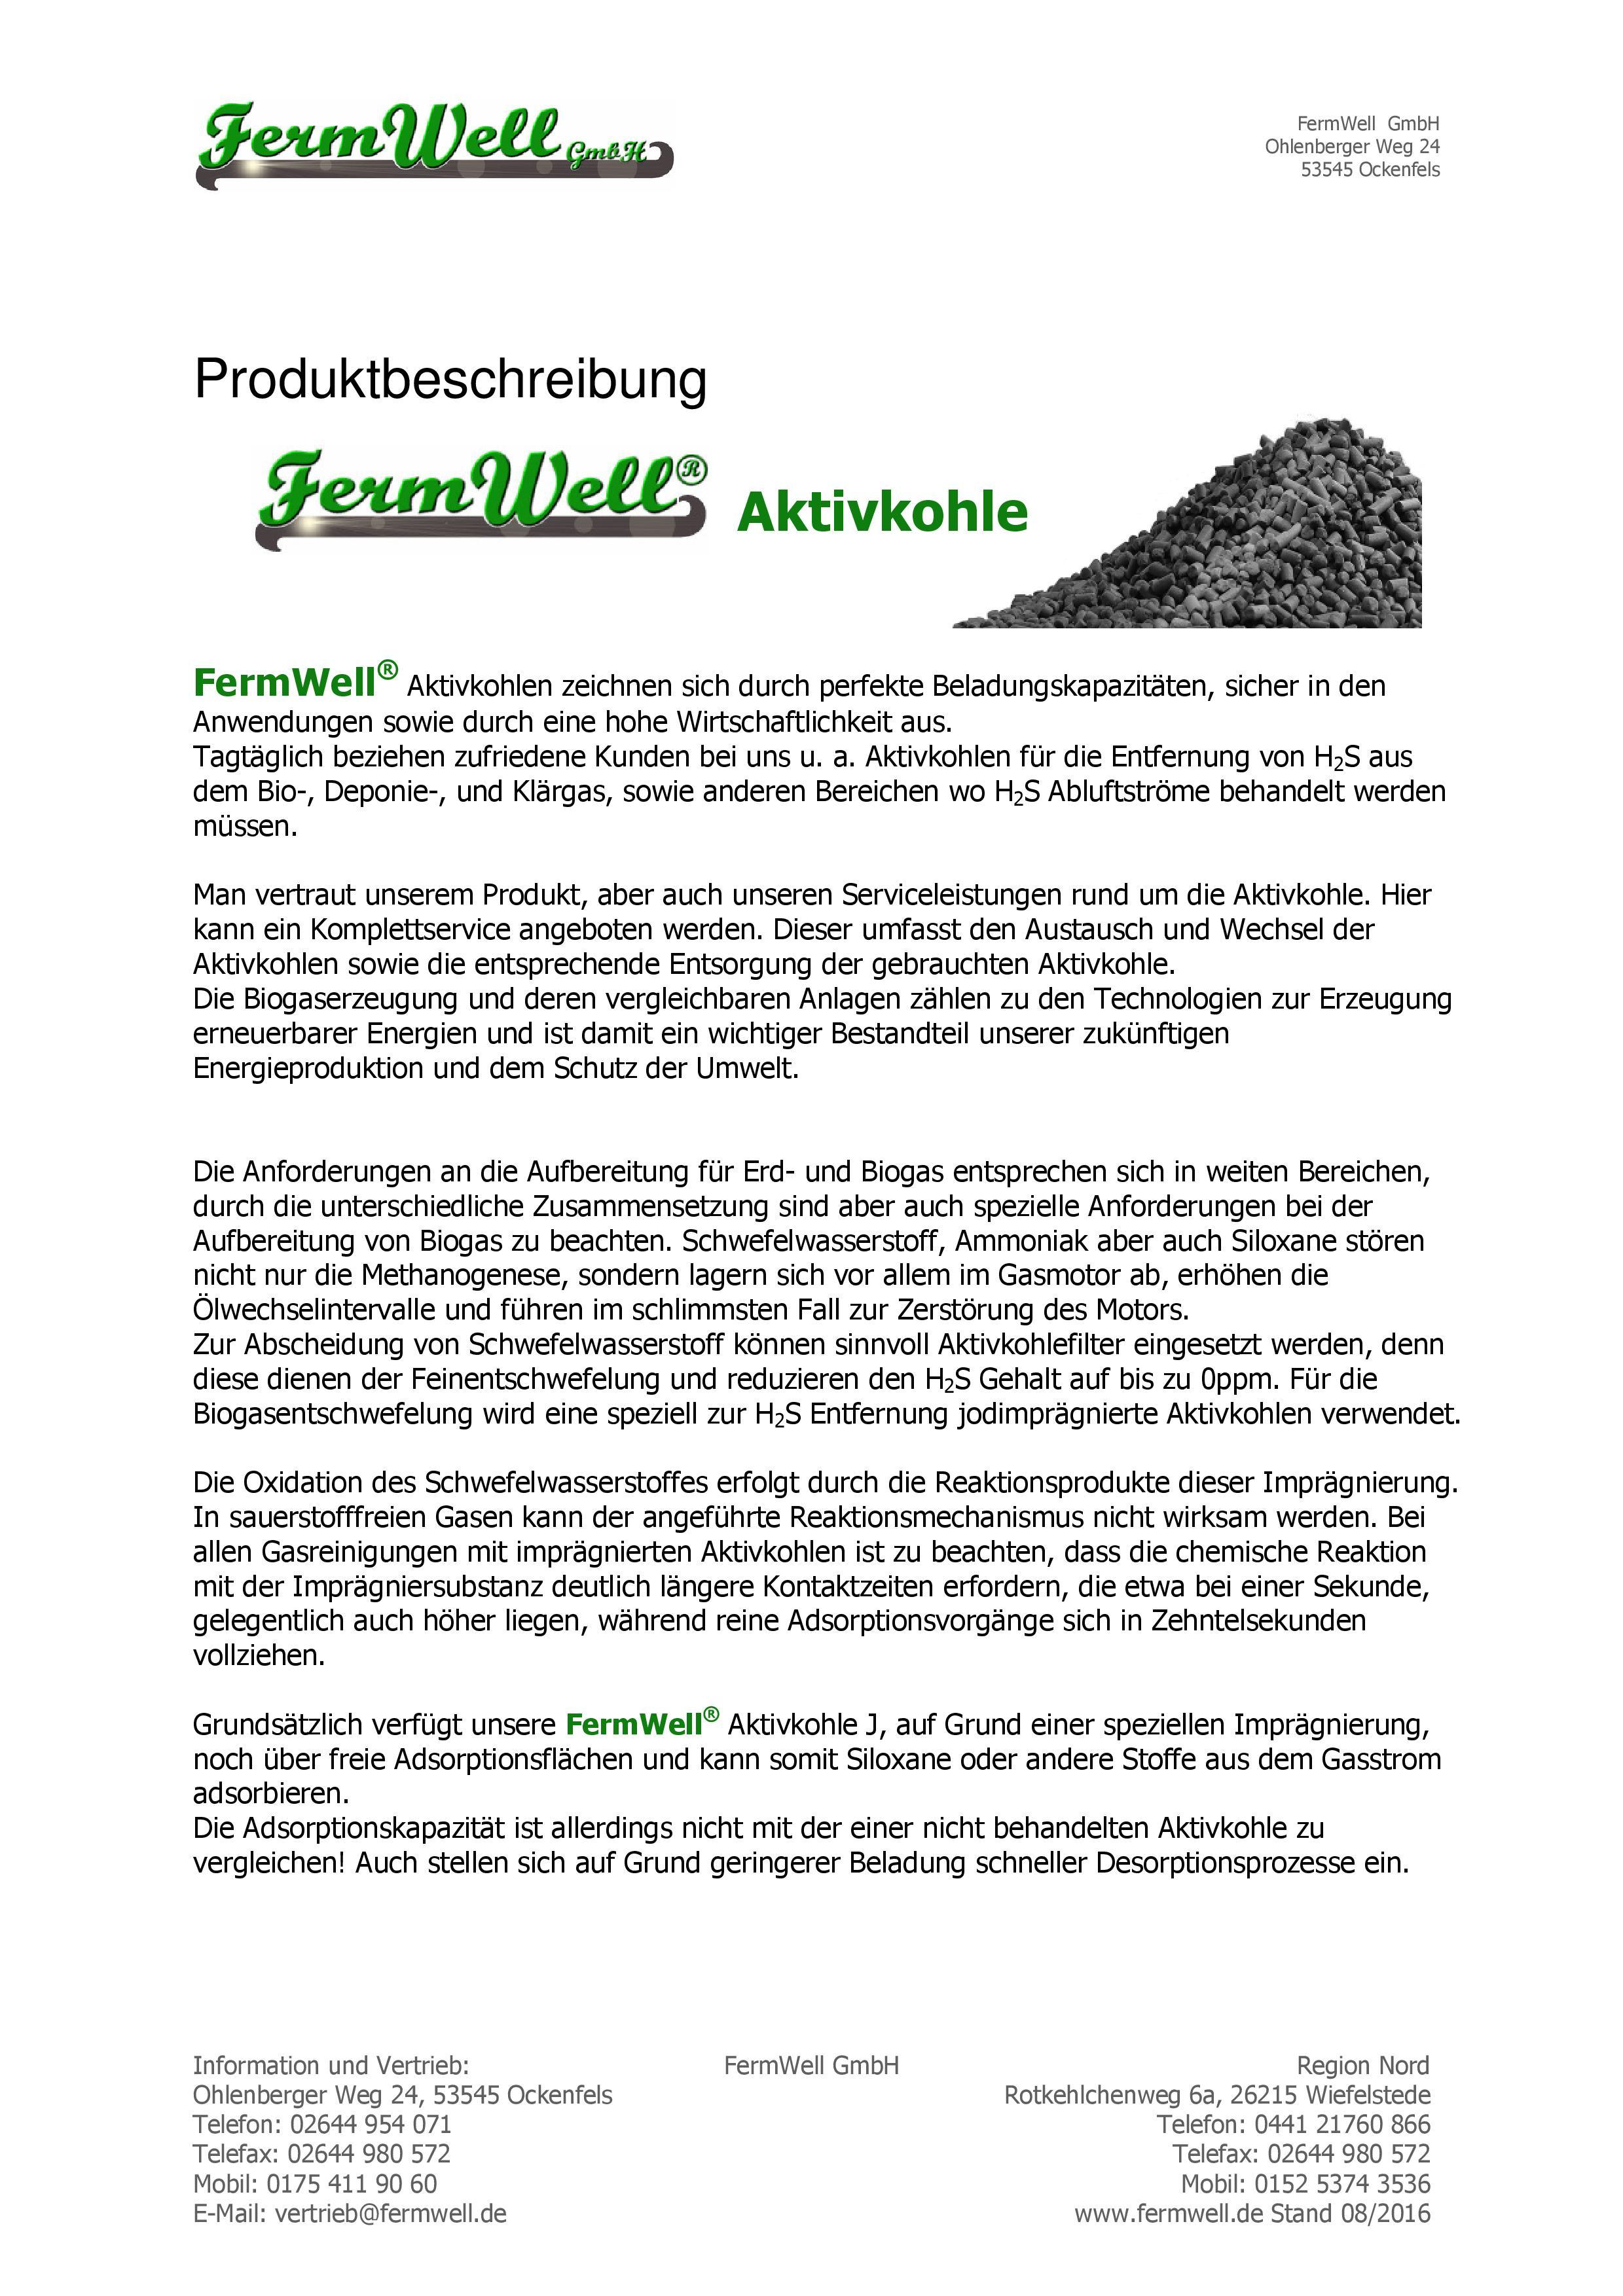 FWG_Aktivkohle_Produktbeschreibu_allgem_